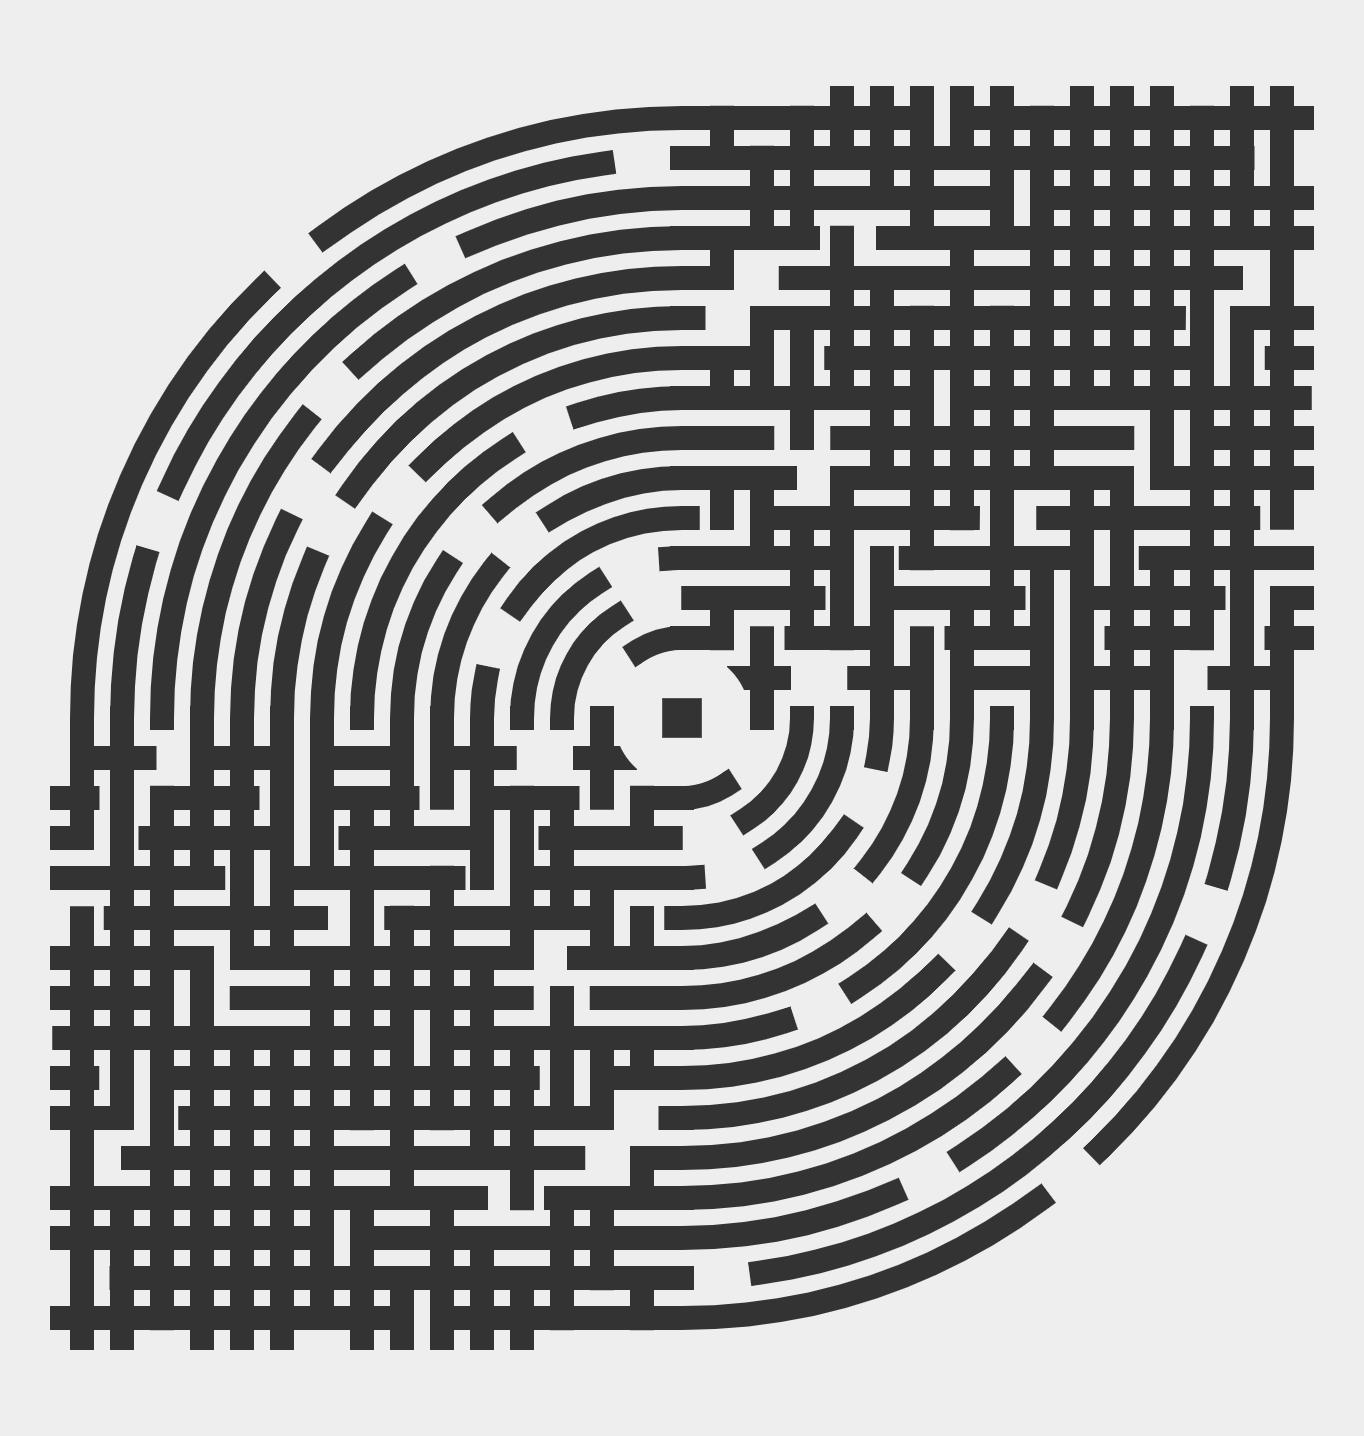 isolation-pixel-static-47